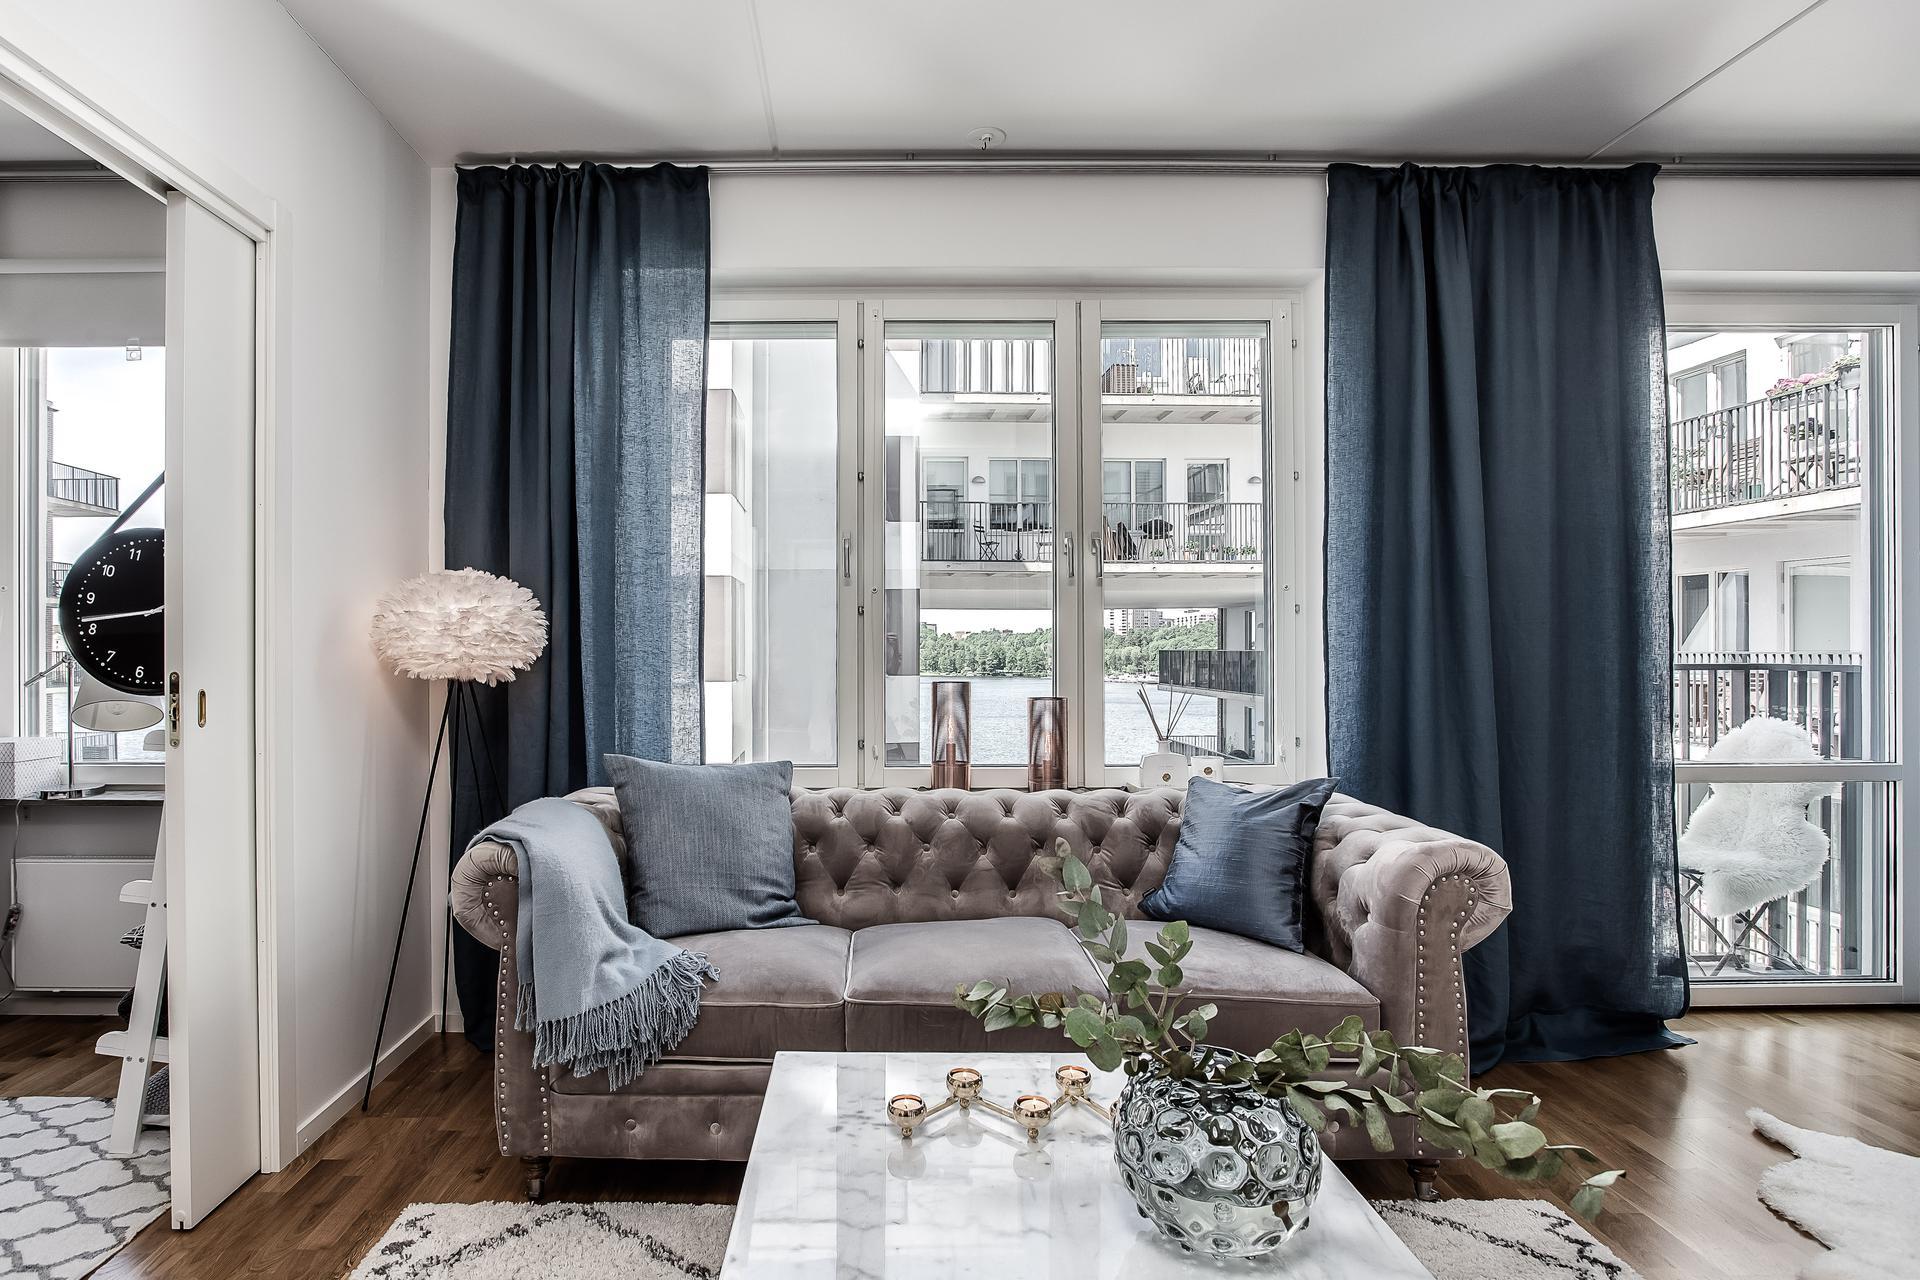 Окно шторы диван напольный светильник перья столик ваза цветы ковер